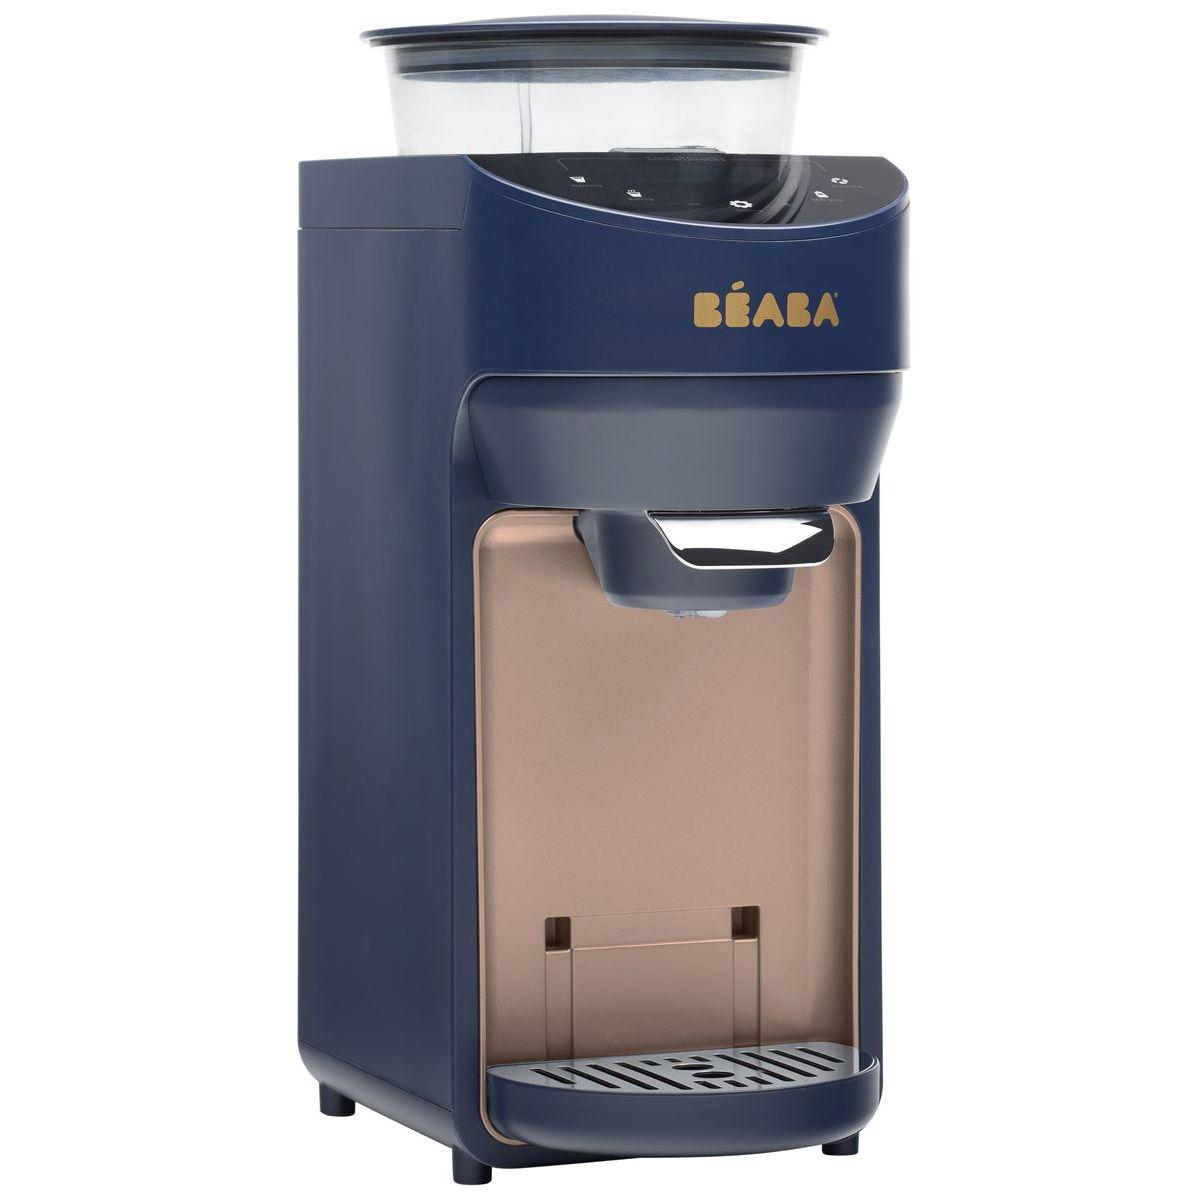 Préparateur biberons automatique MILKEO Beaba